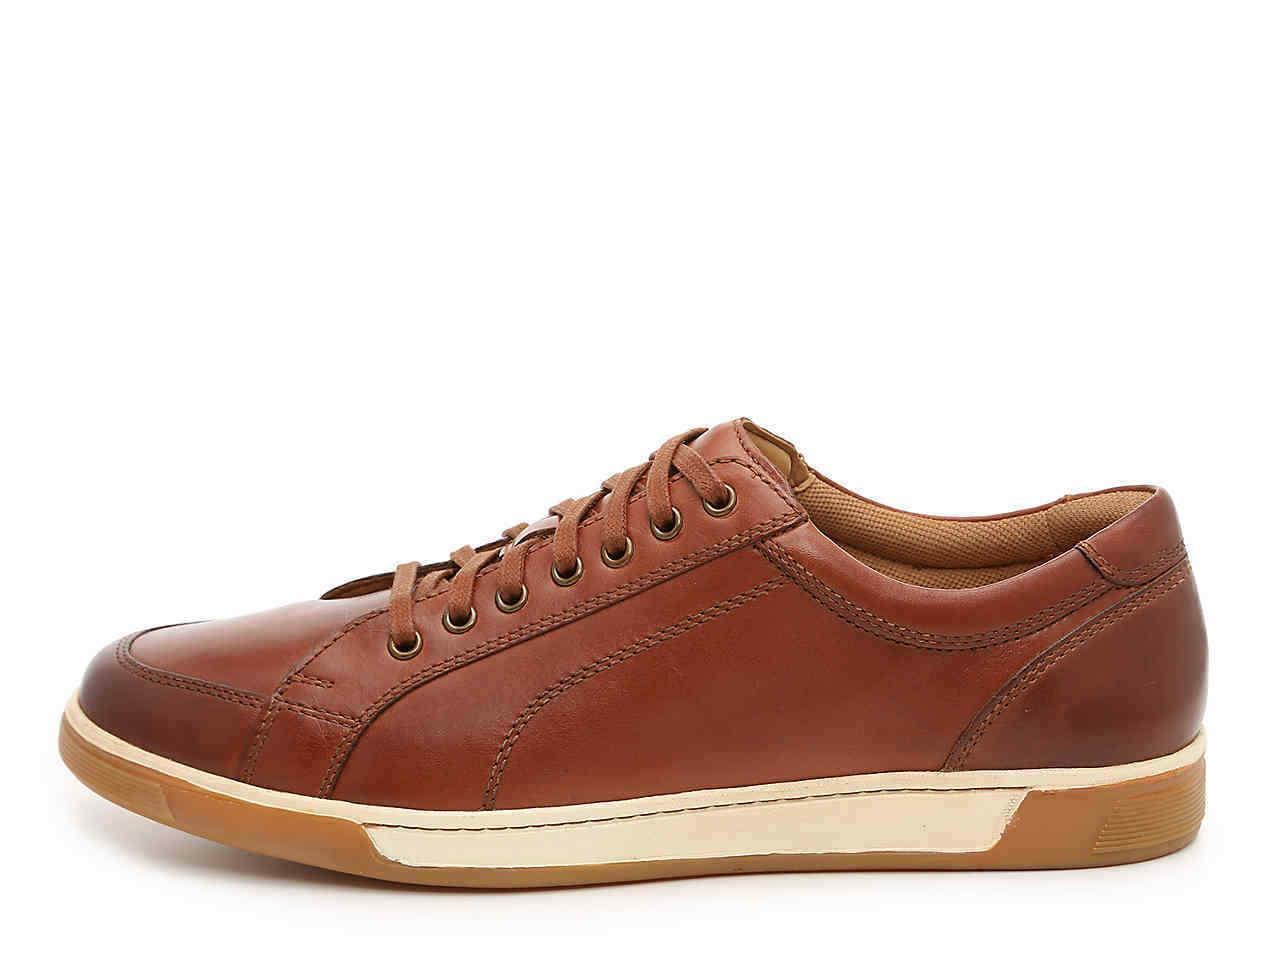 Cole Haan Sneaker Cognac Shoe British